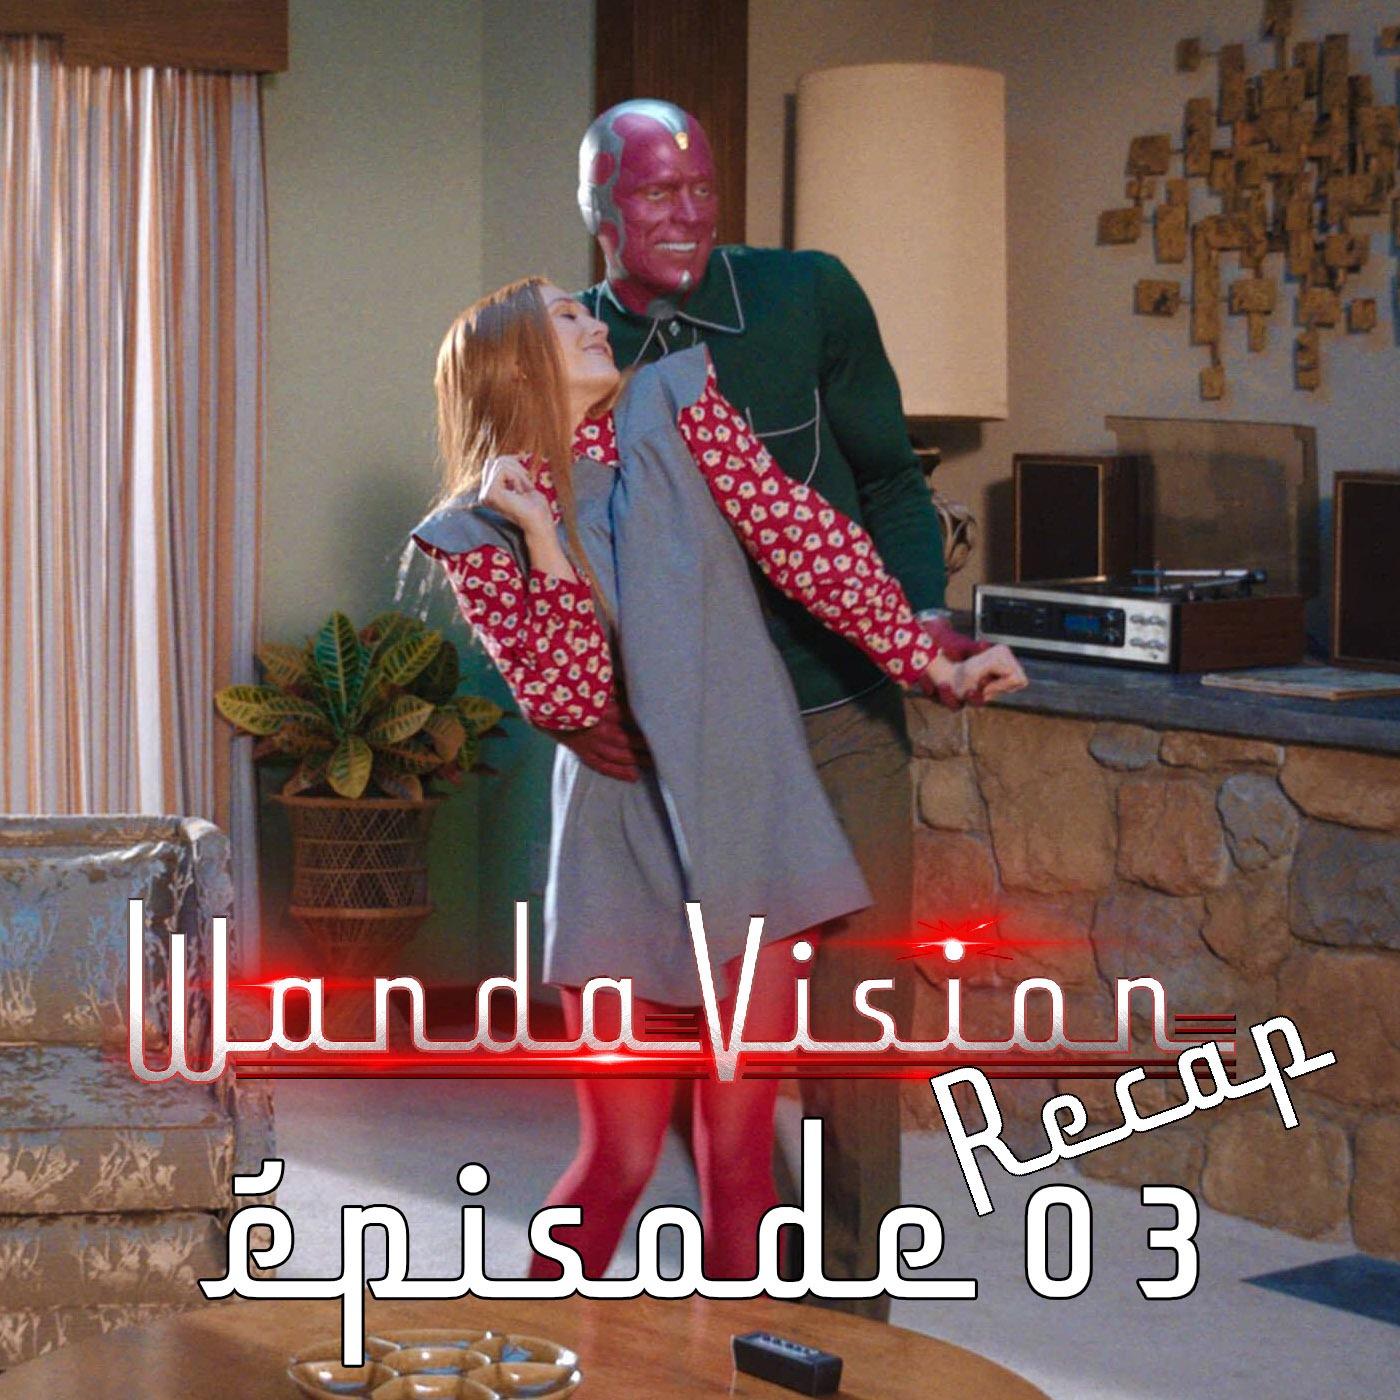 Wandavision récap: Episode 3